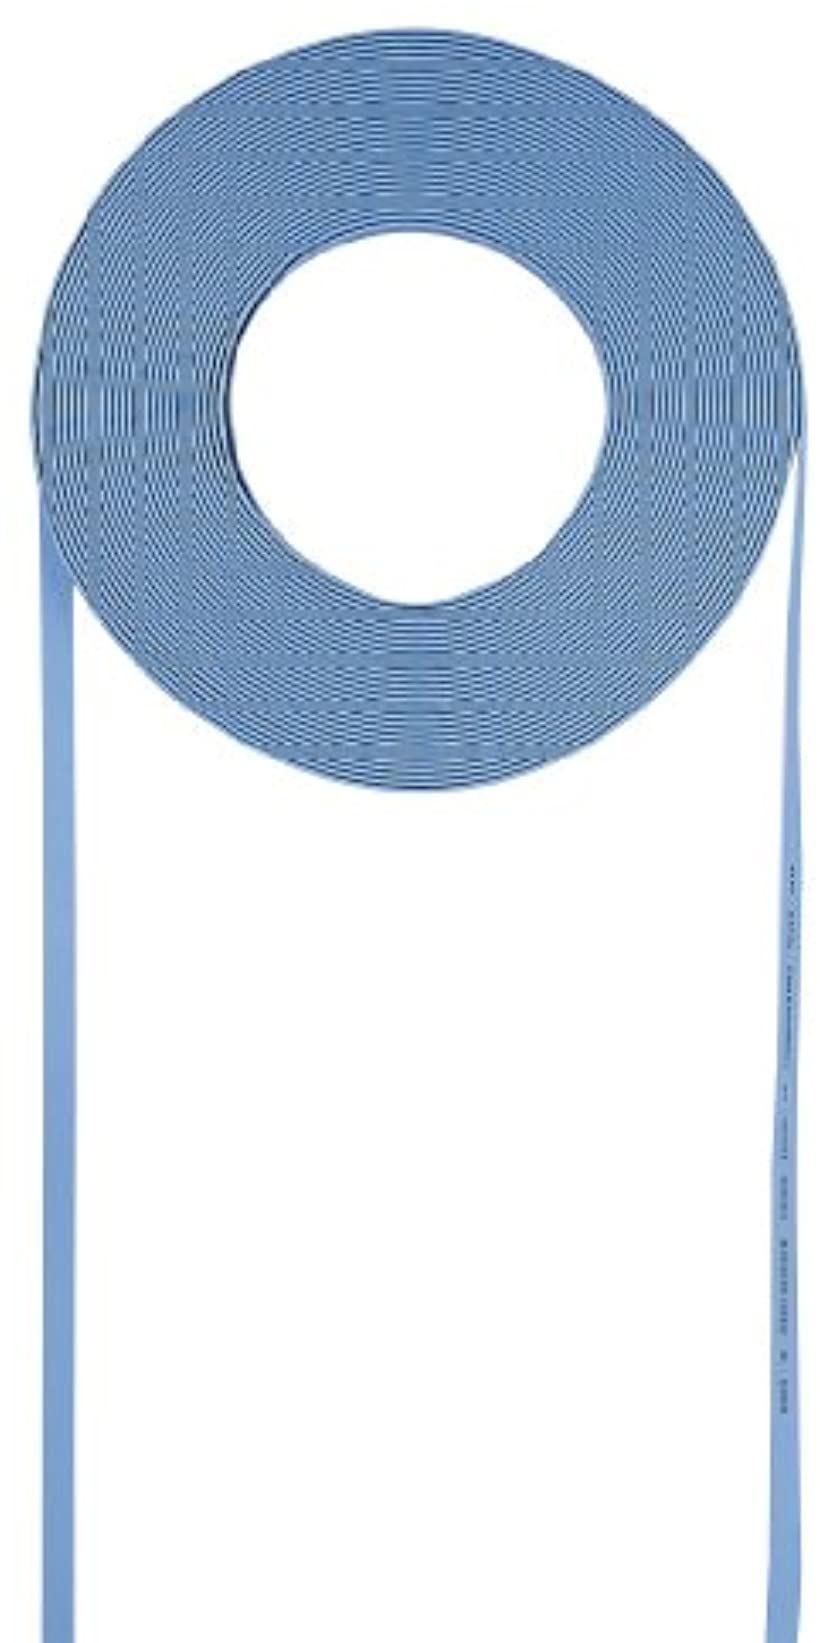 超フラットケーブルのみ100m[LA-FL5-CB100LB](ライトブルー, 100m)